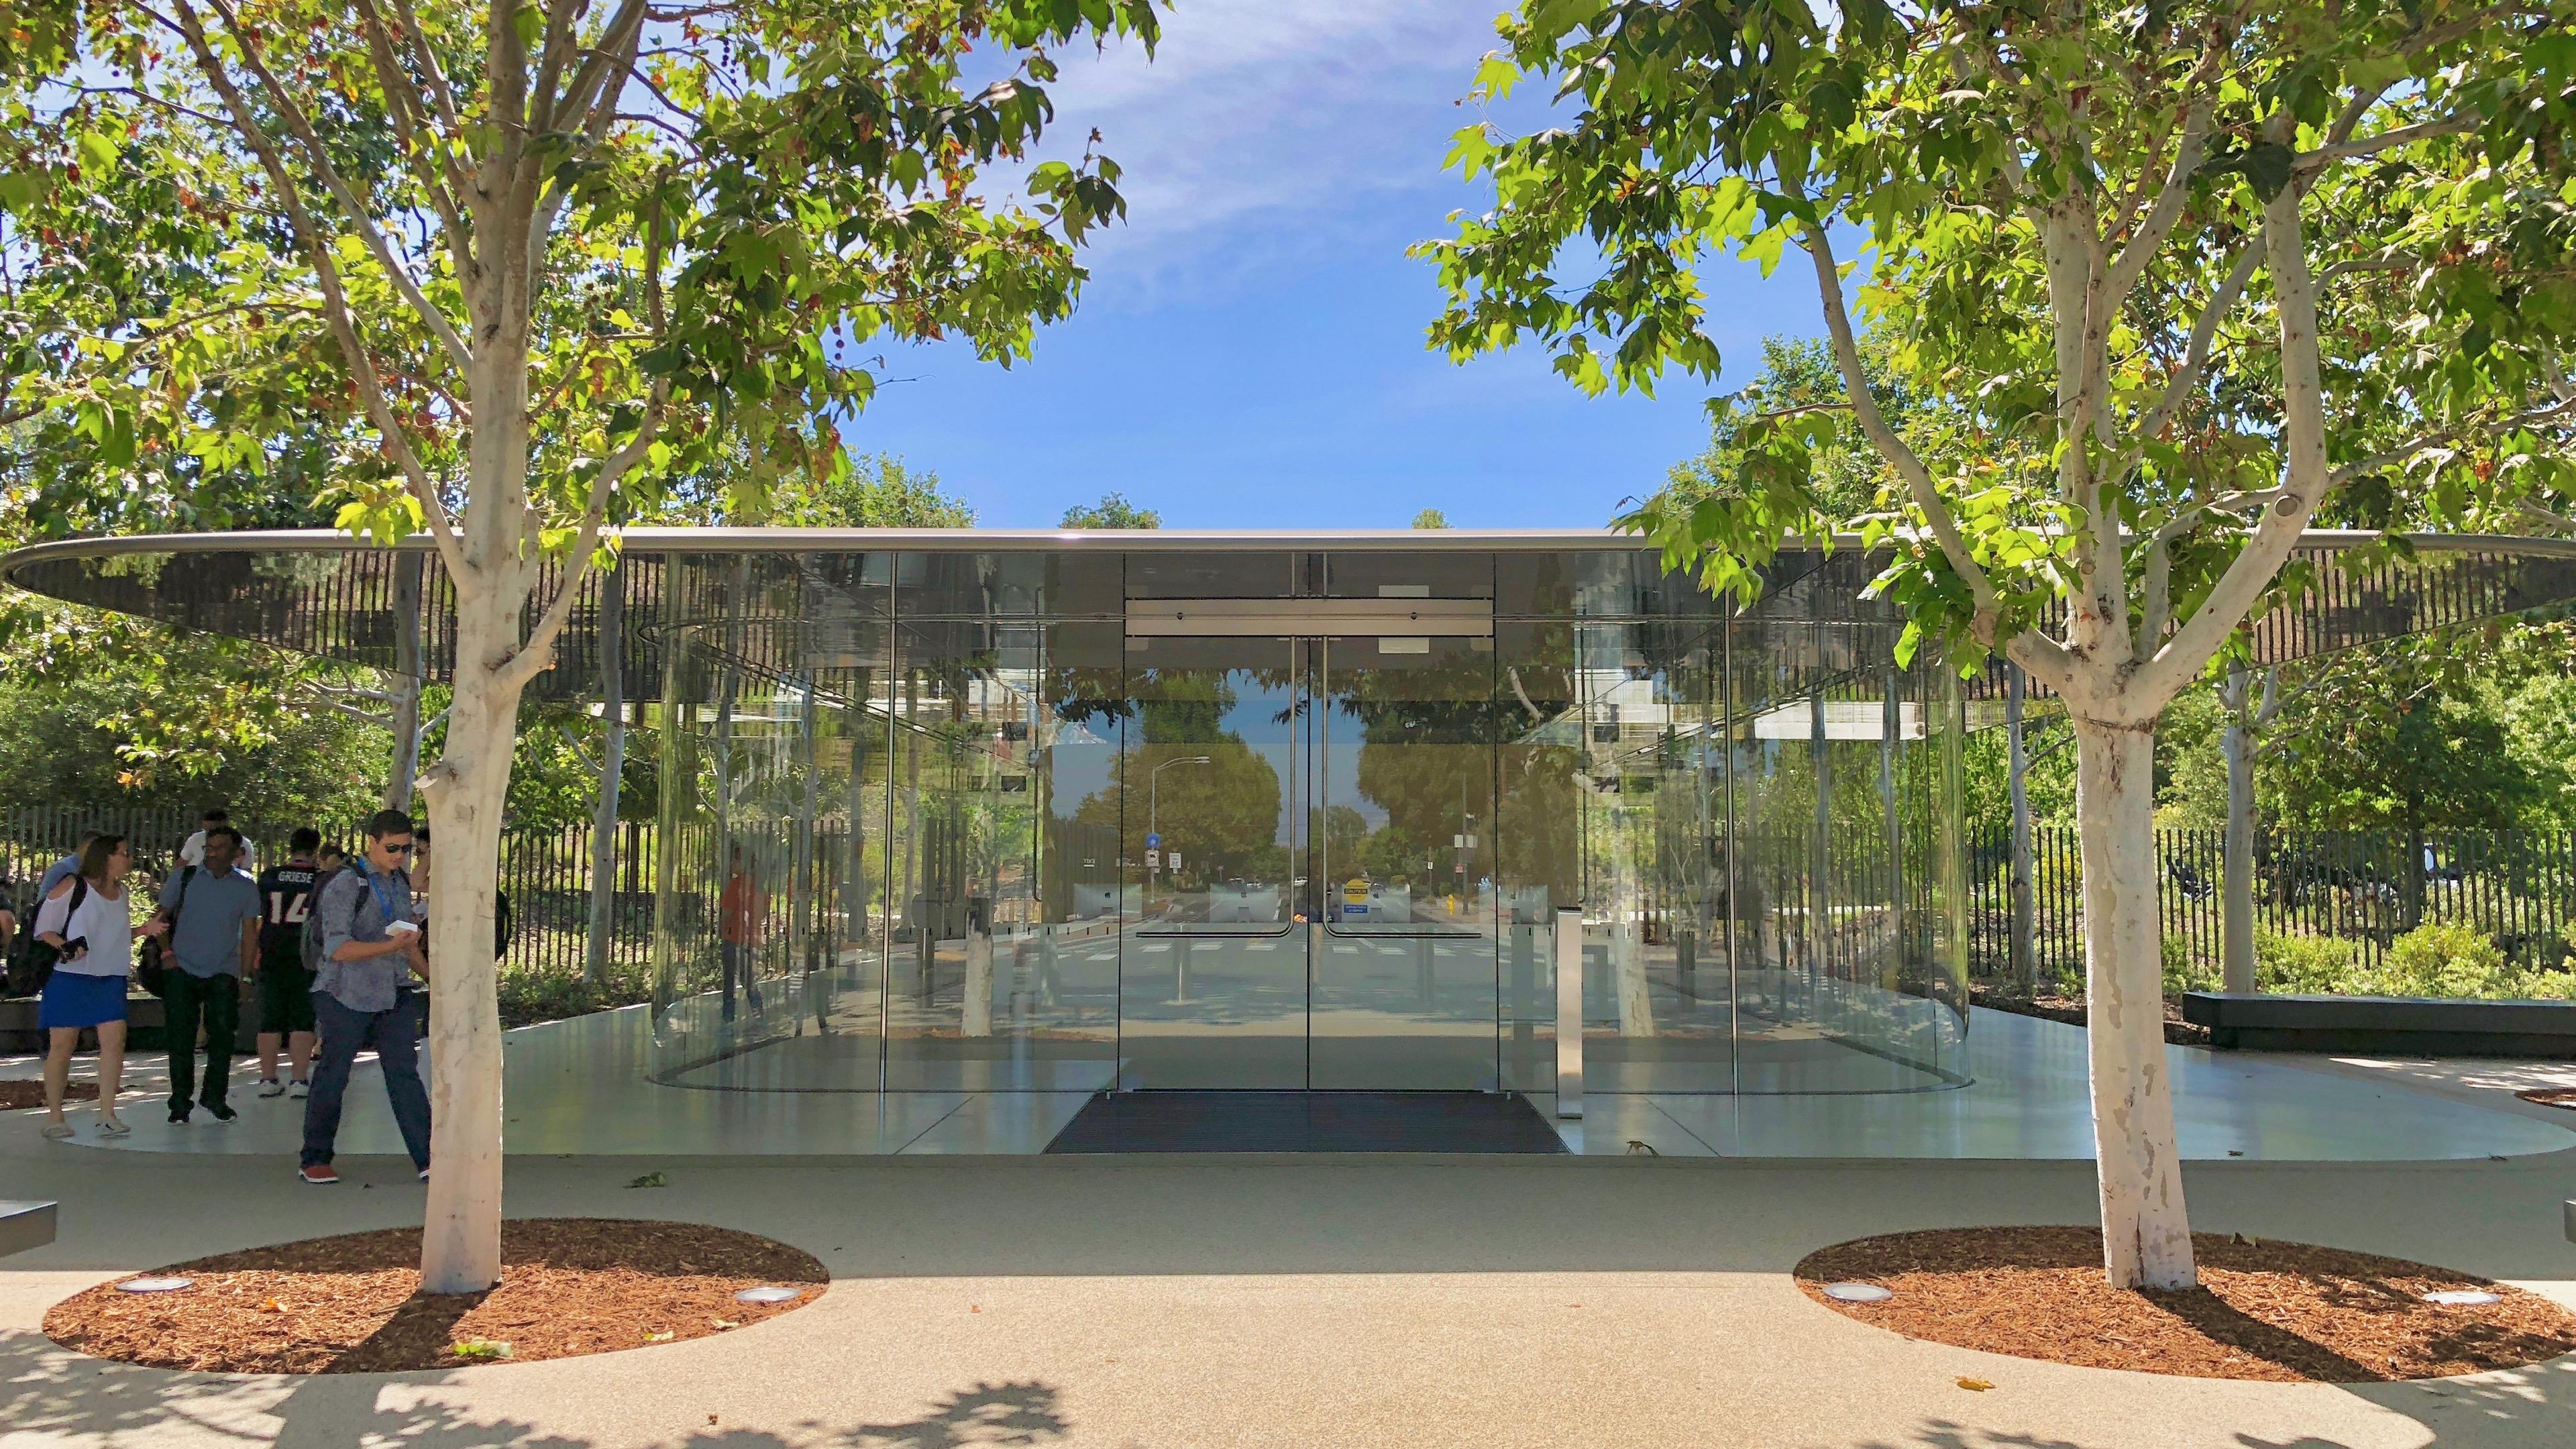 Gallery New Apple Store In Walnut Creek Ca Takes Shape